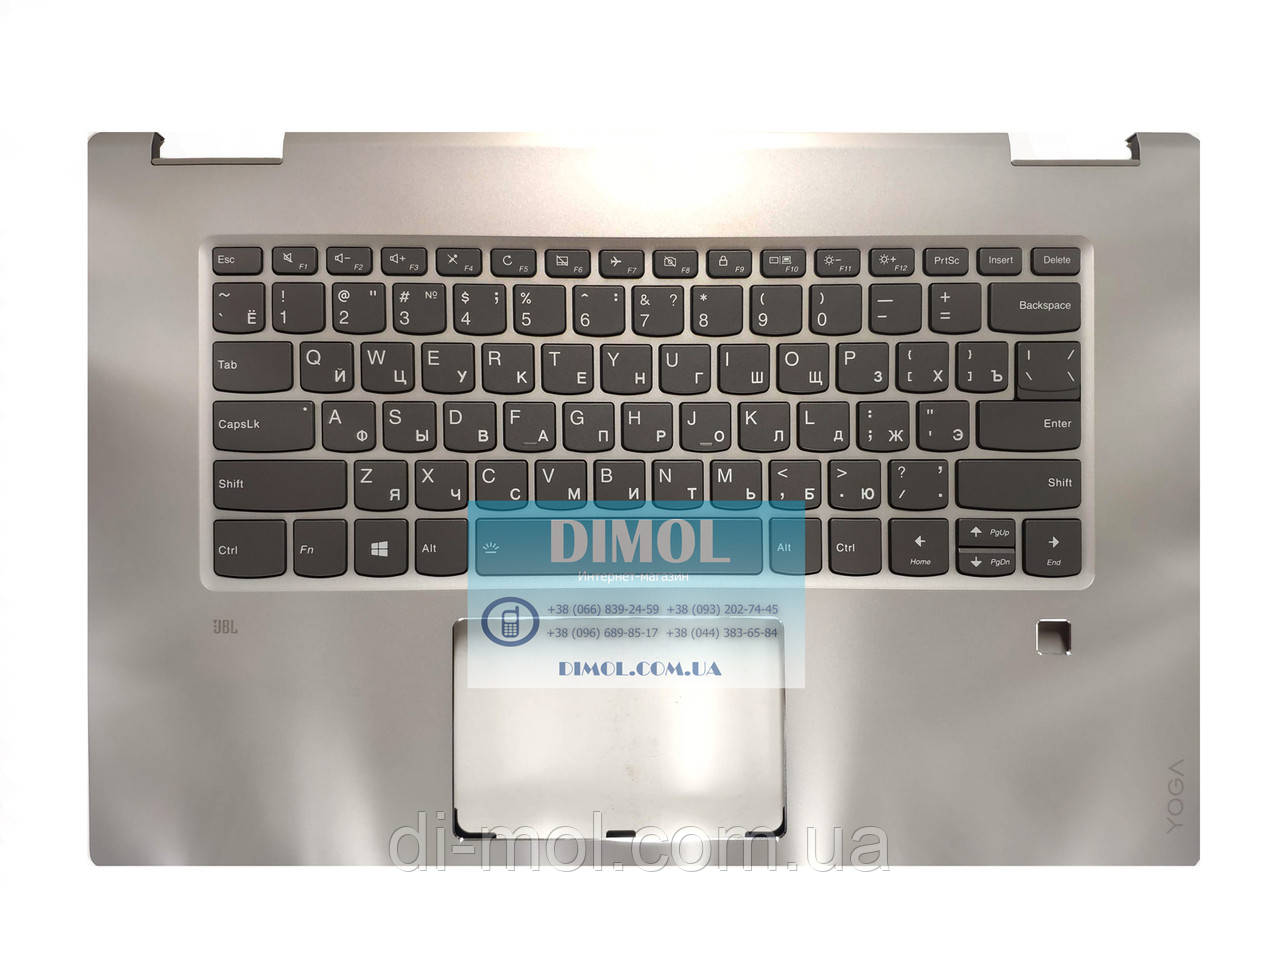 Оригинальная клавиатура для ноутбука Lenovo Yoga 720-15IKB series, rus, gray, подсветка